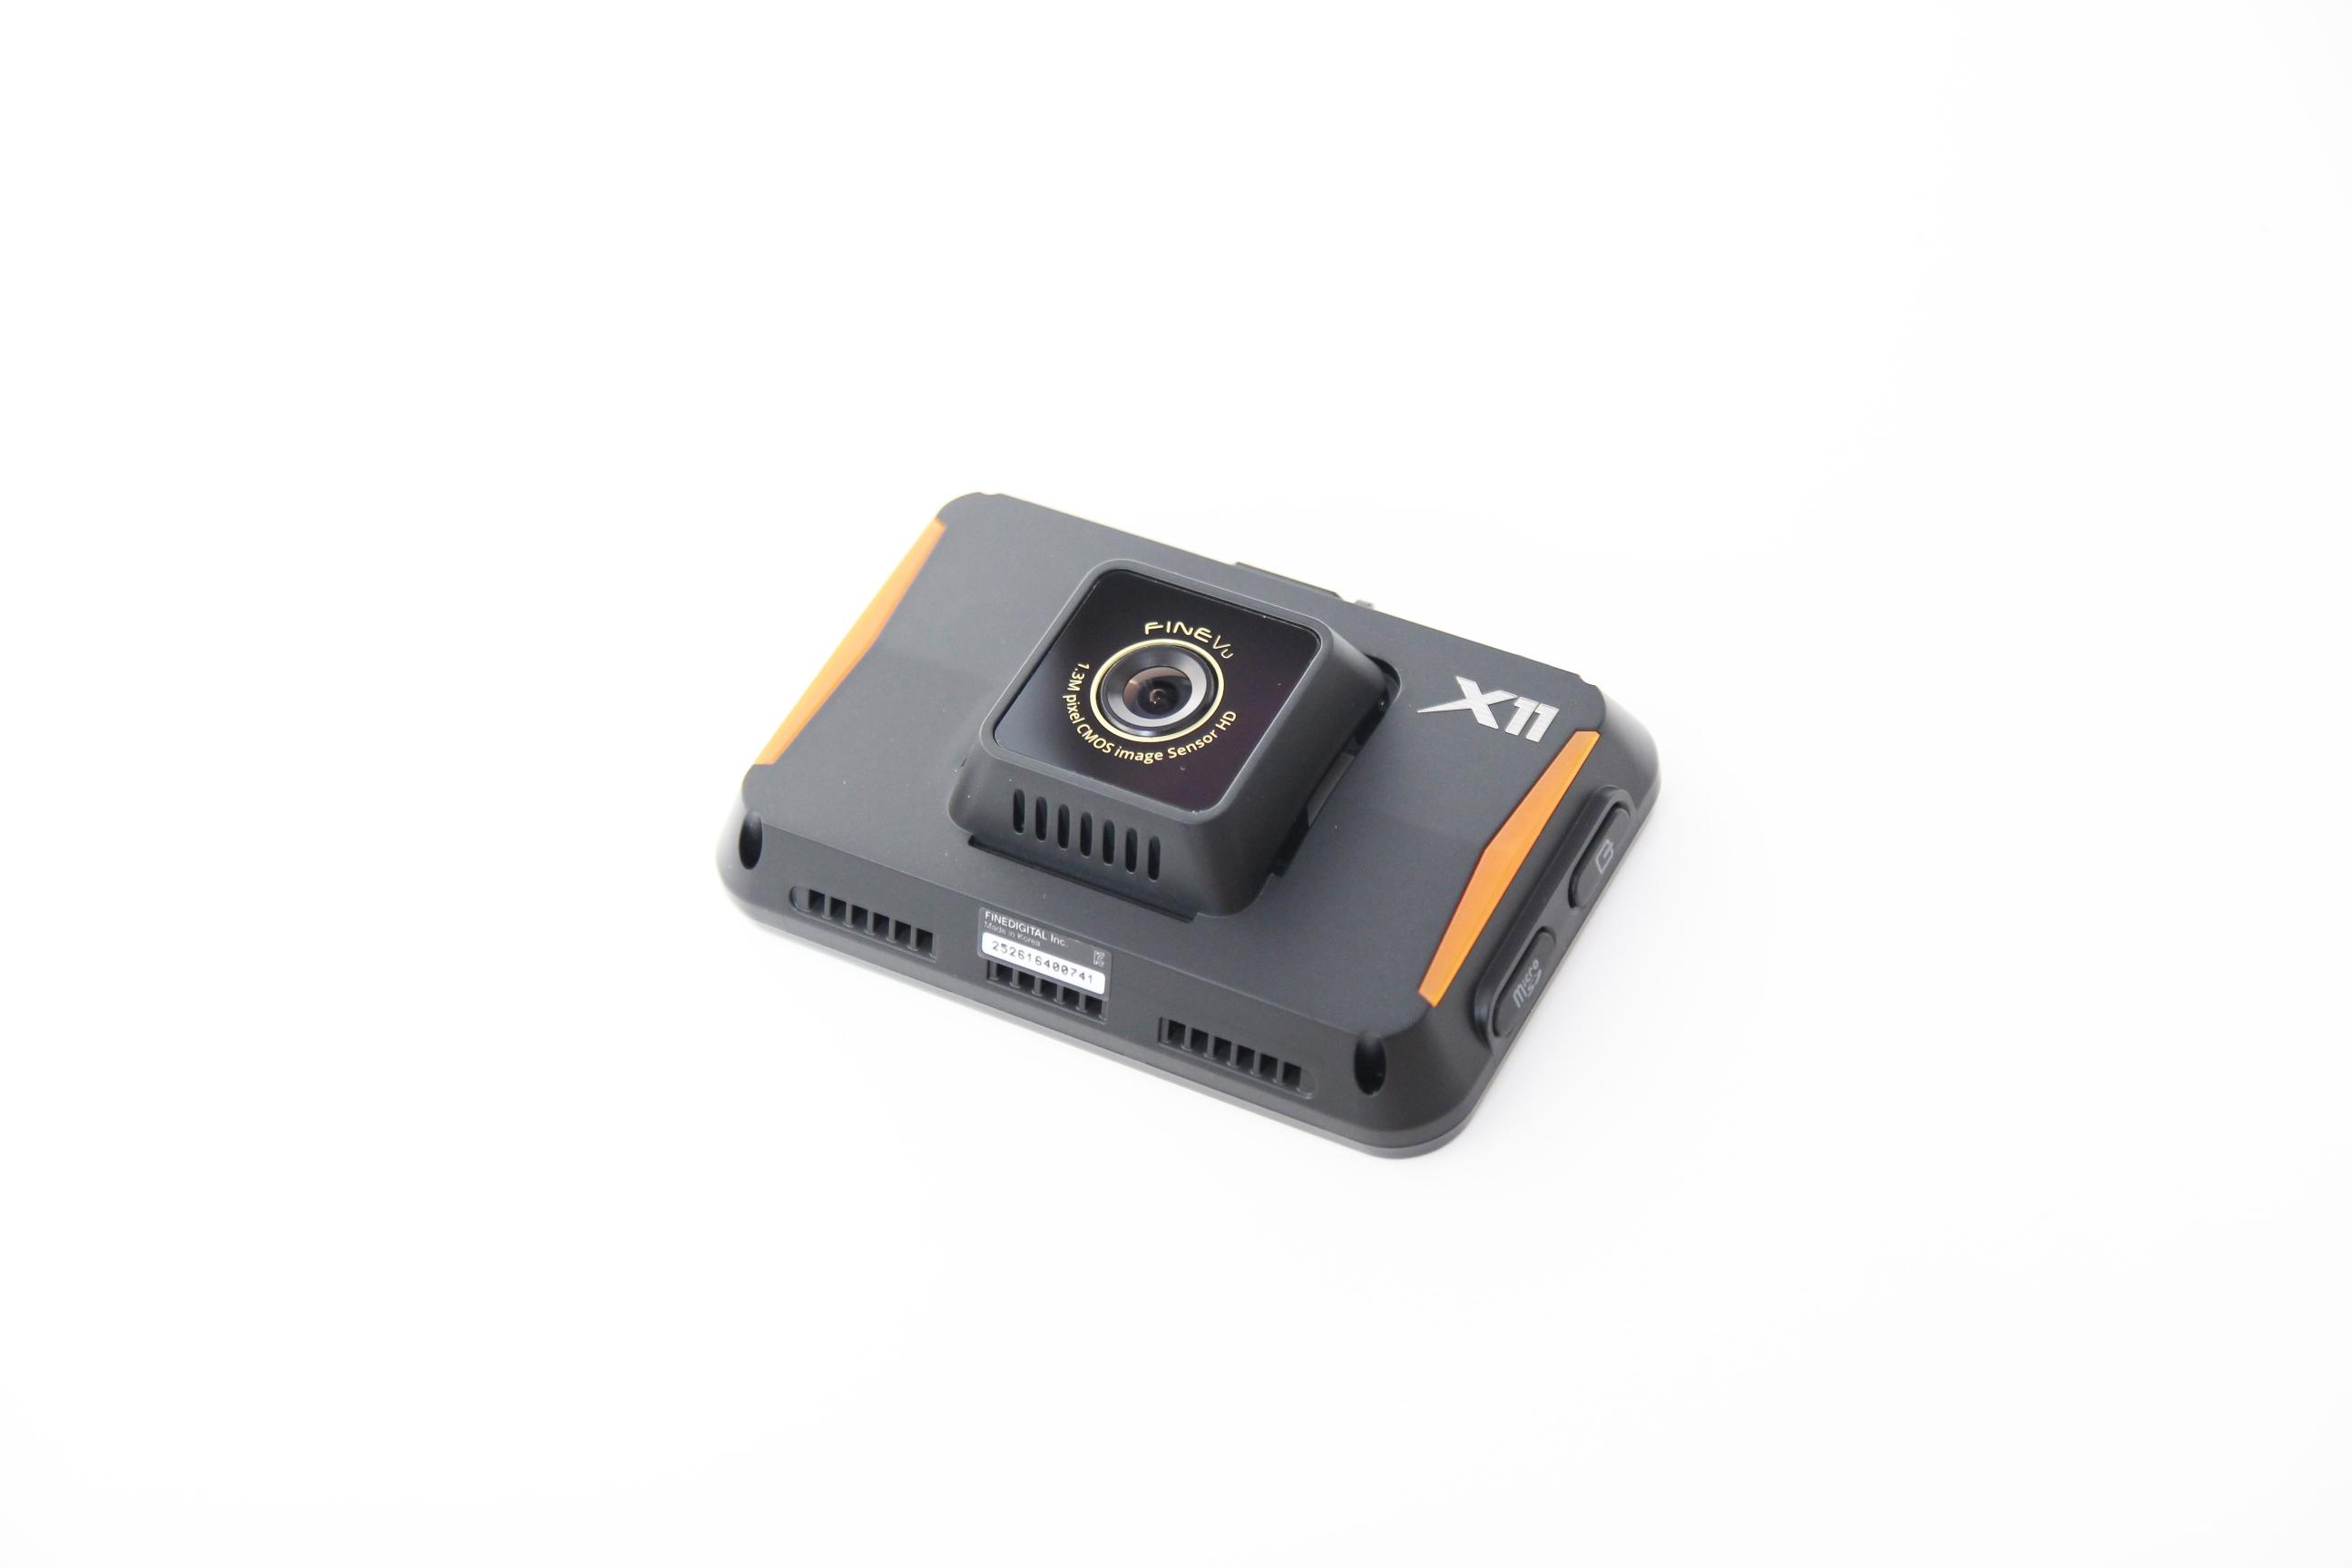 파인뷰 X11 실외형 후방카메라와 포켓프리 기능을 지원하는 2채널 블랙박스